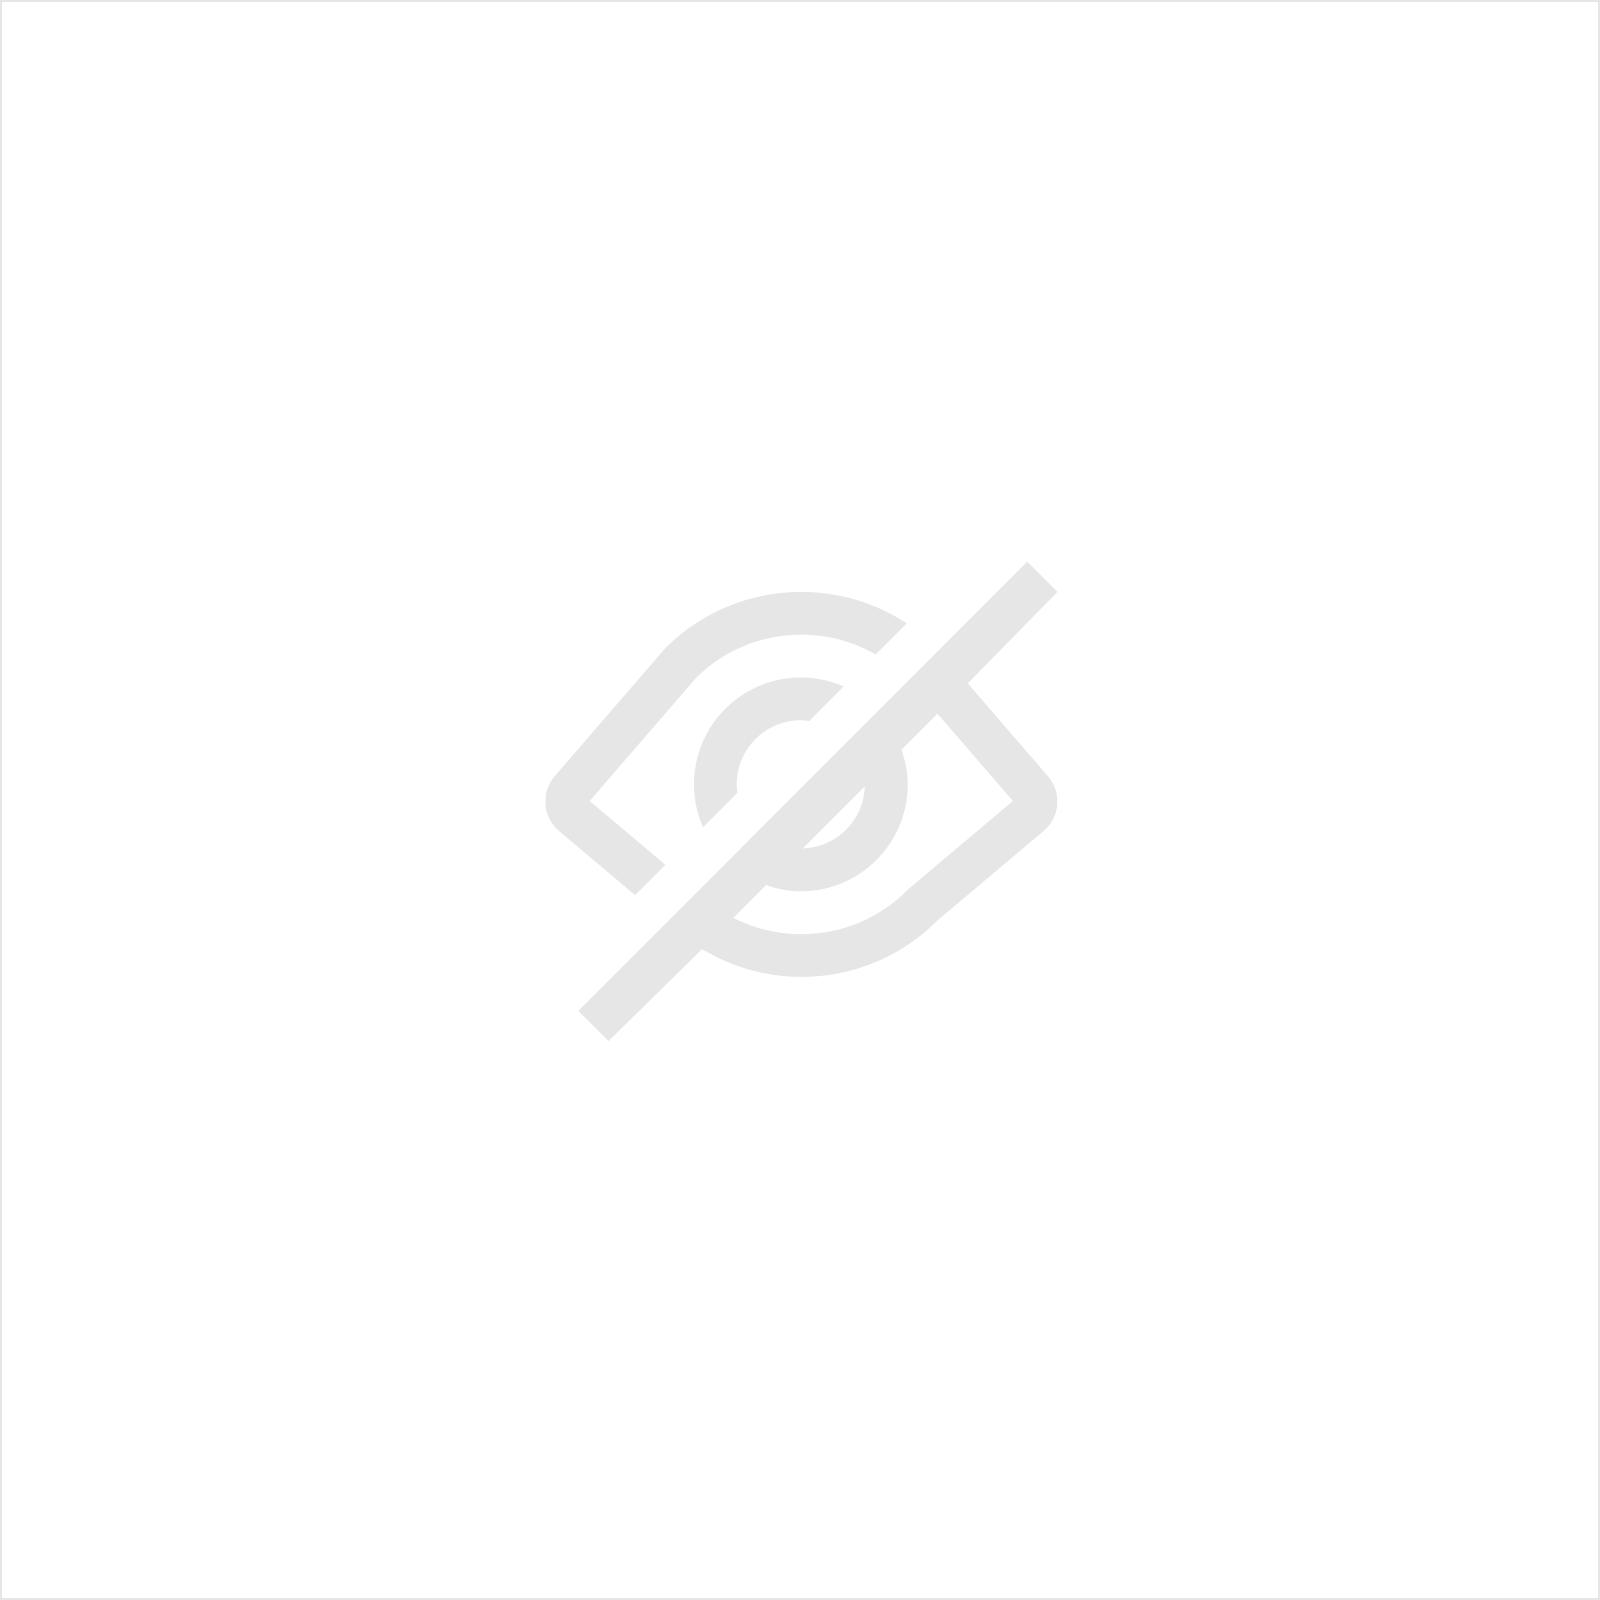 OUATOR AUTO MOTO BATEAU / COTON A LUSTRER 75gr